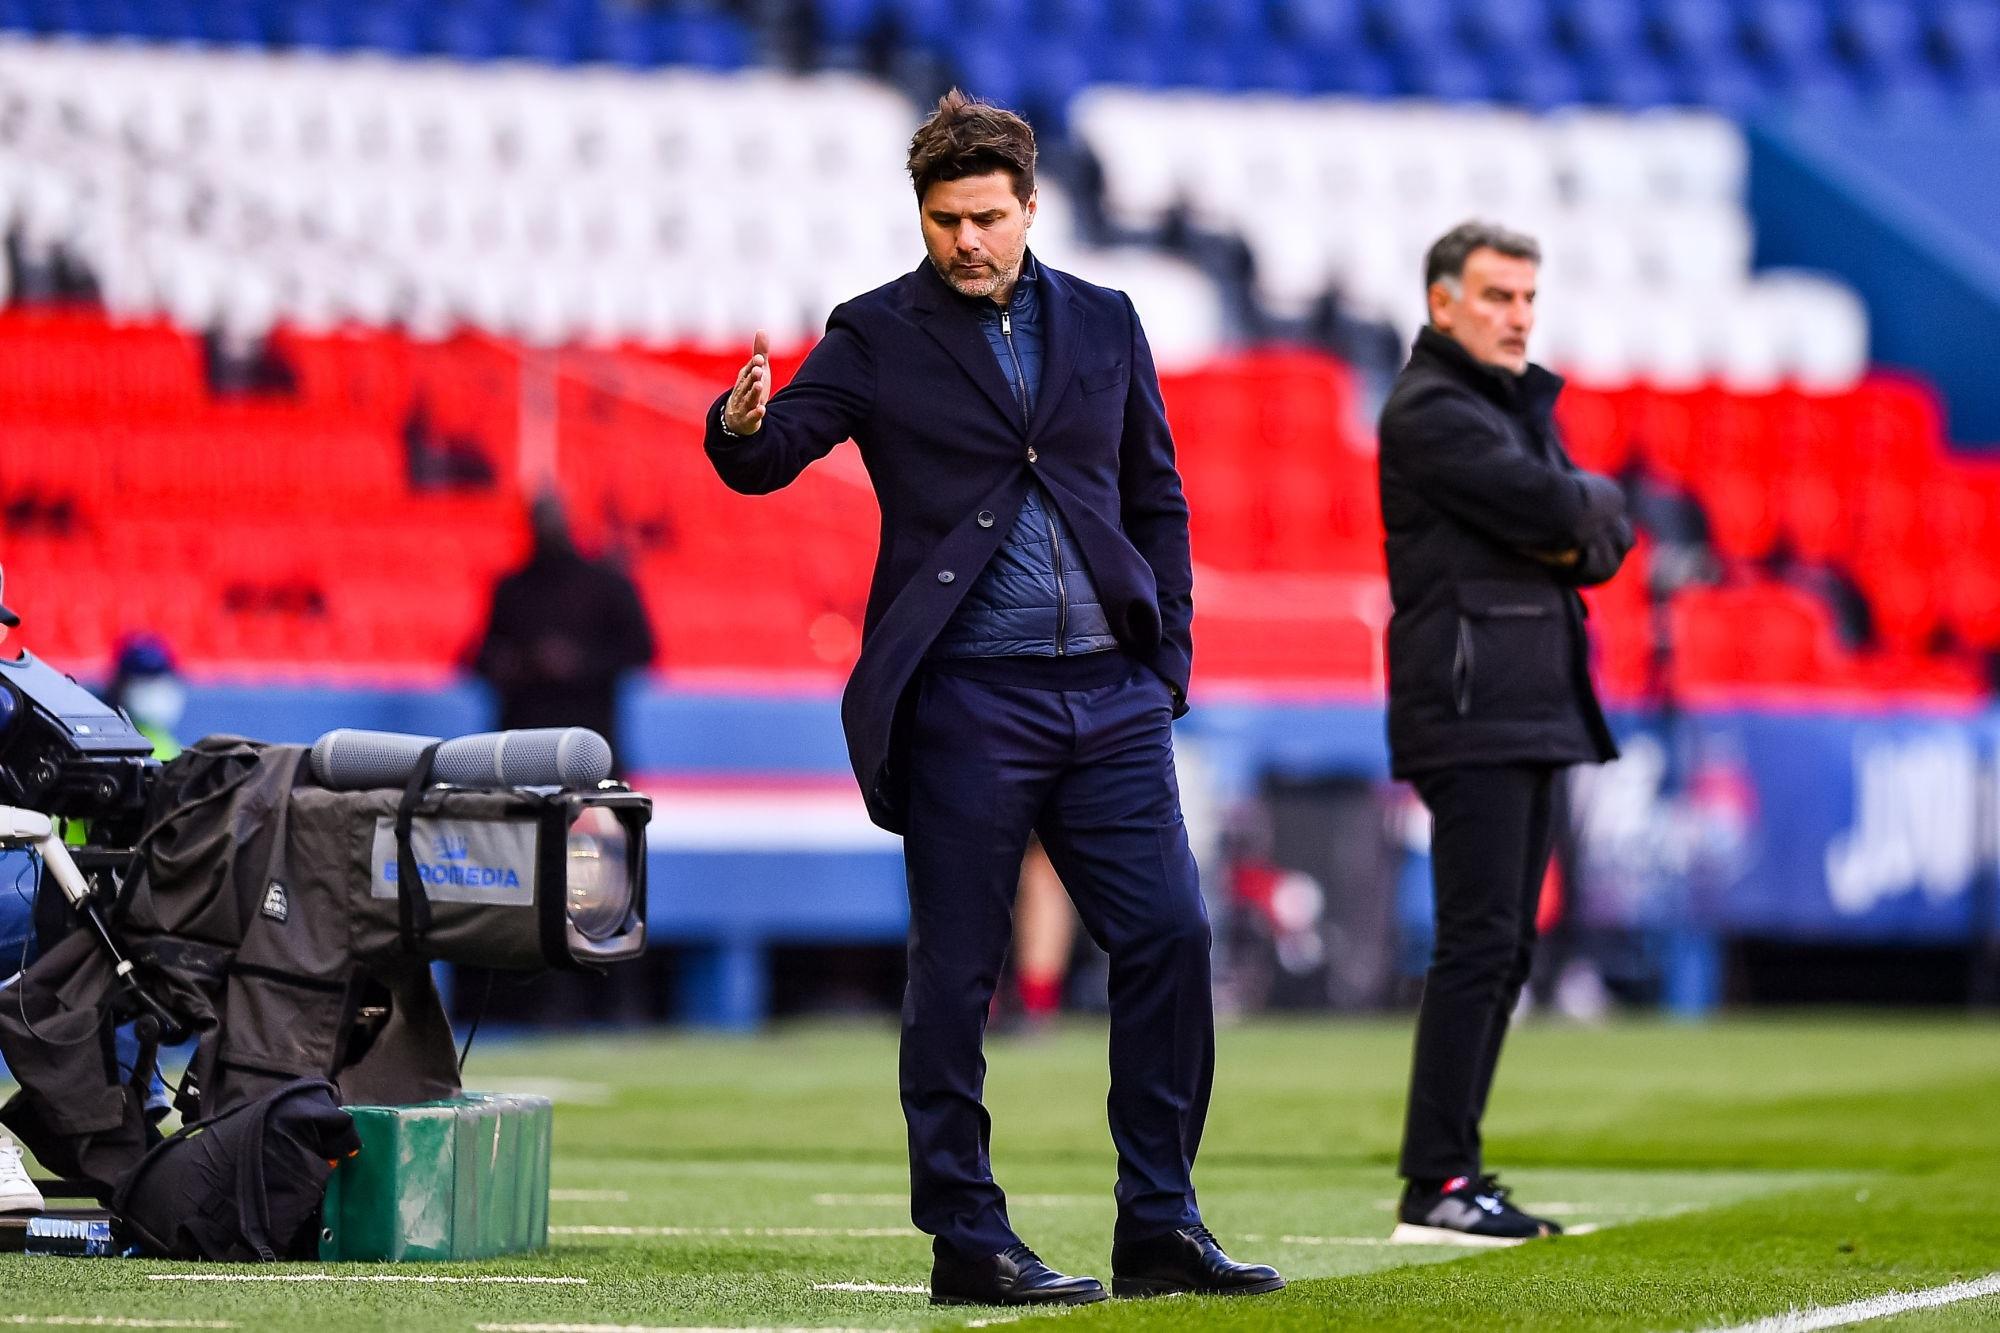 """PSG/Lille - Pochettino regrette le manque de régularité de son équipe mais n'est pas """"inquiet"""""""